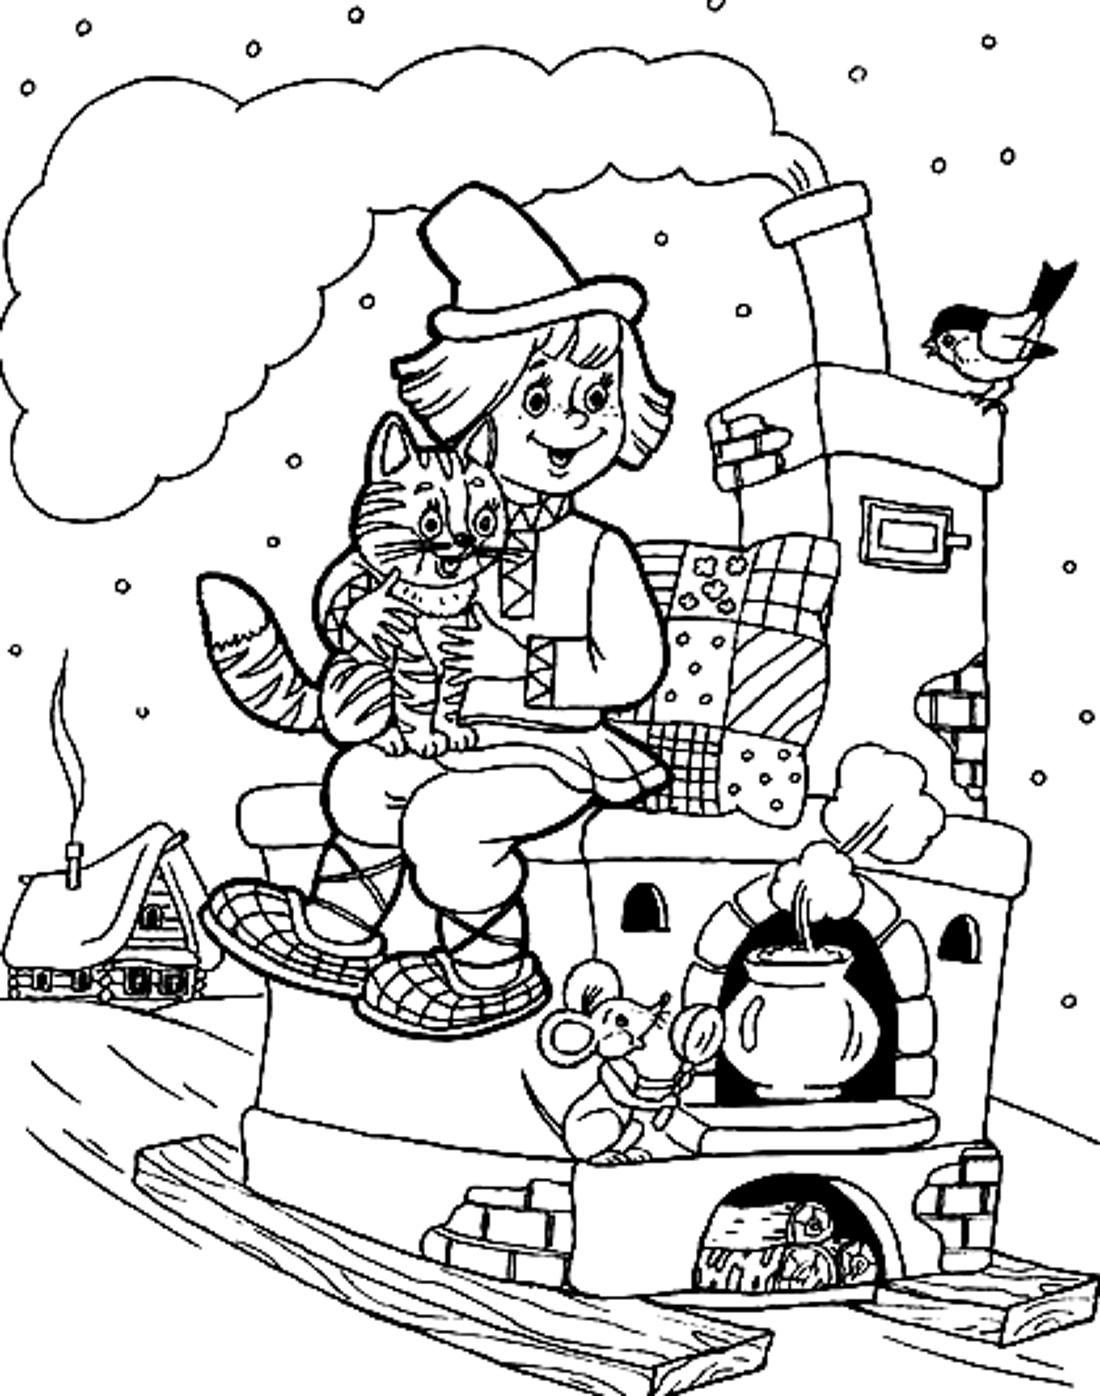 емеля на печке с котом раскраска 458 Printonic Ru